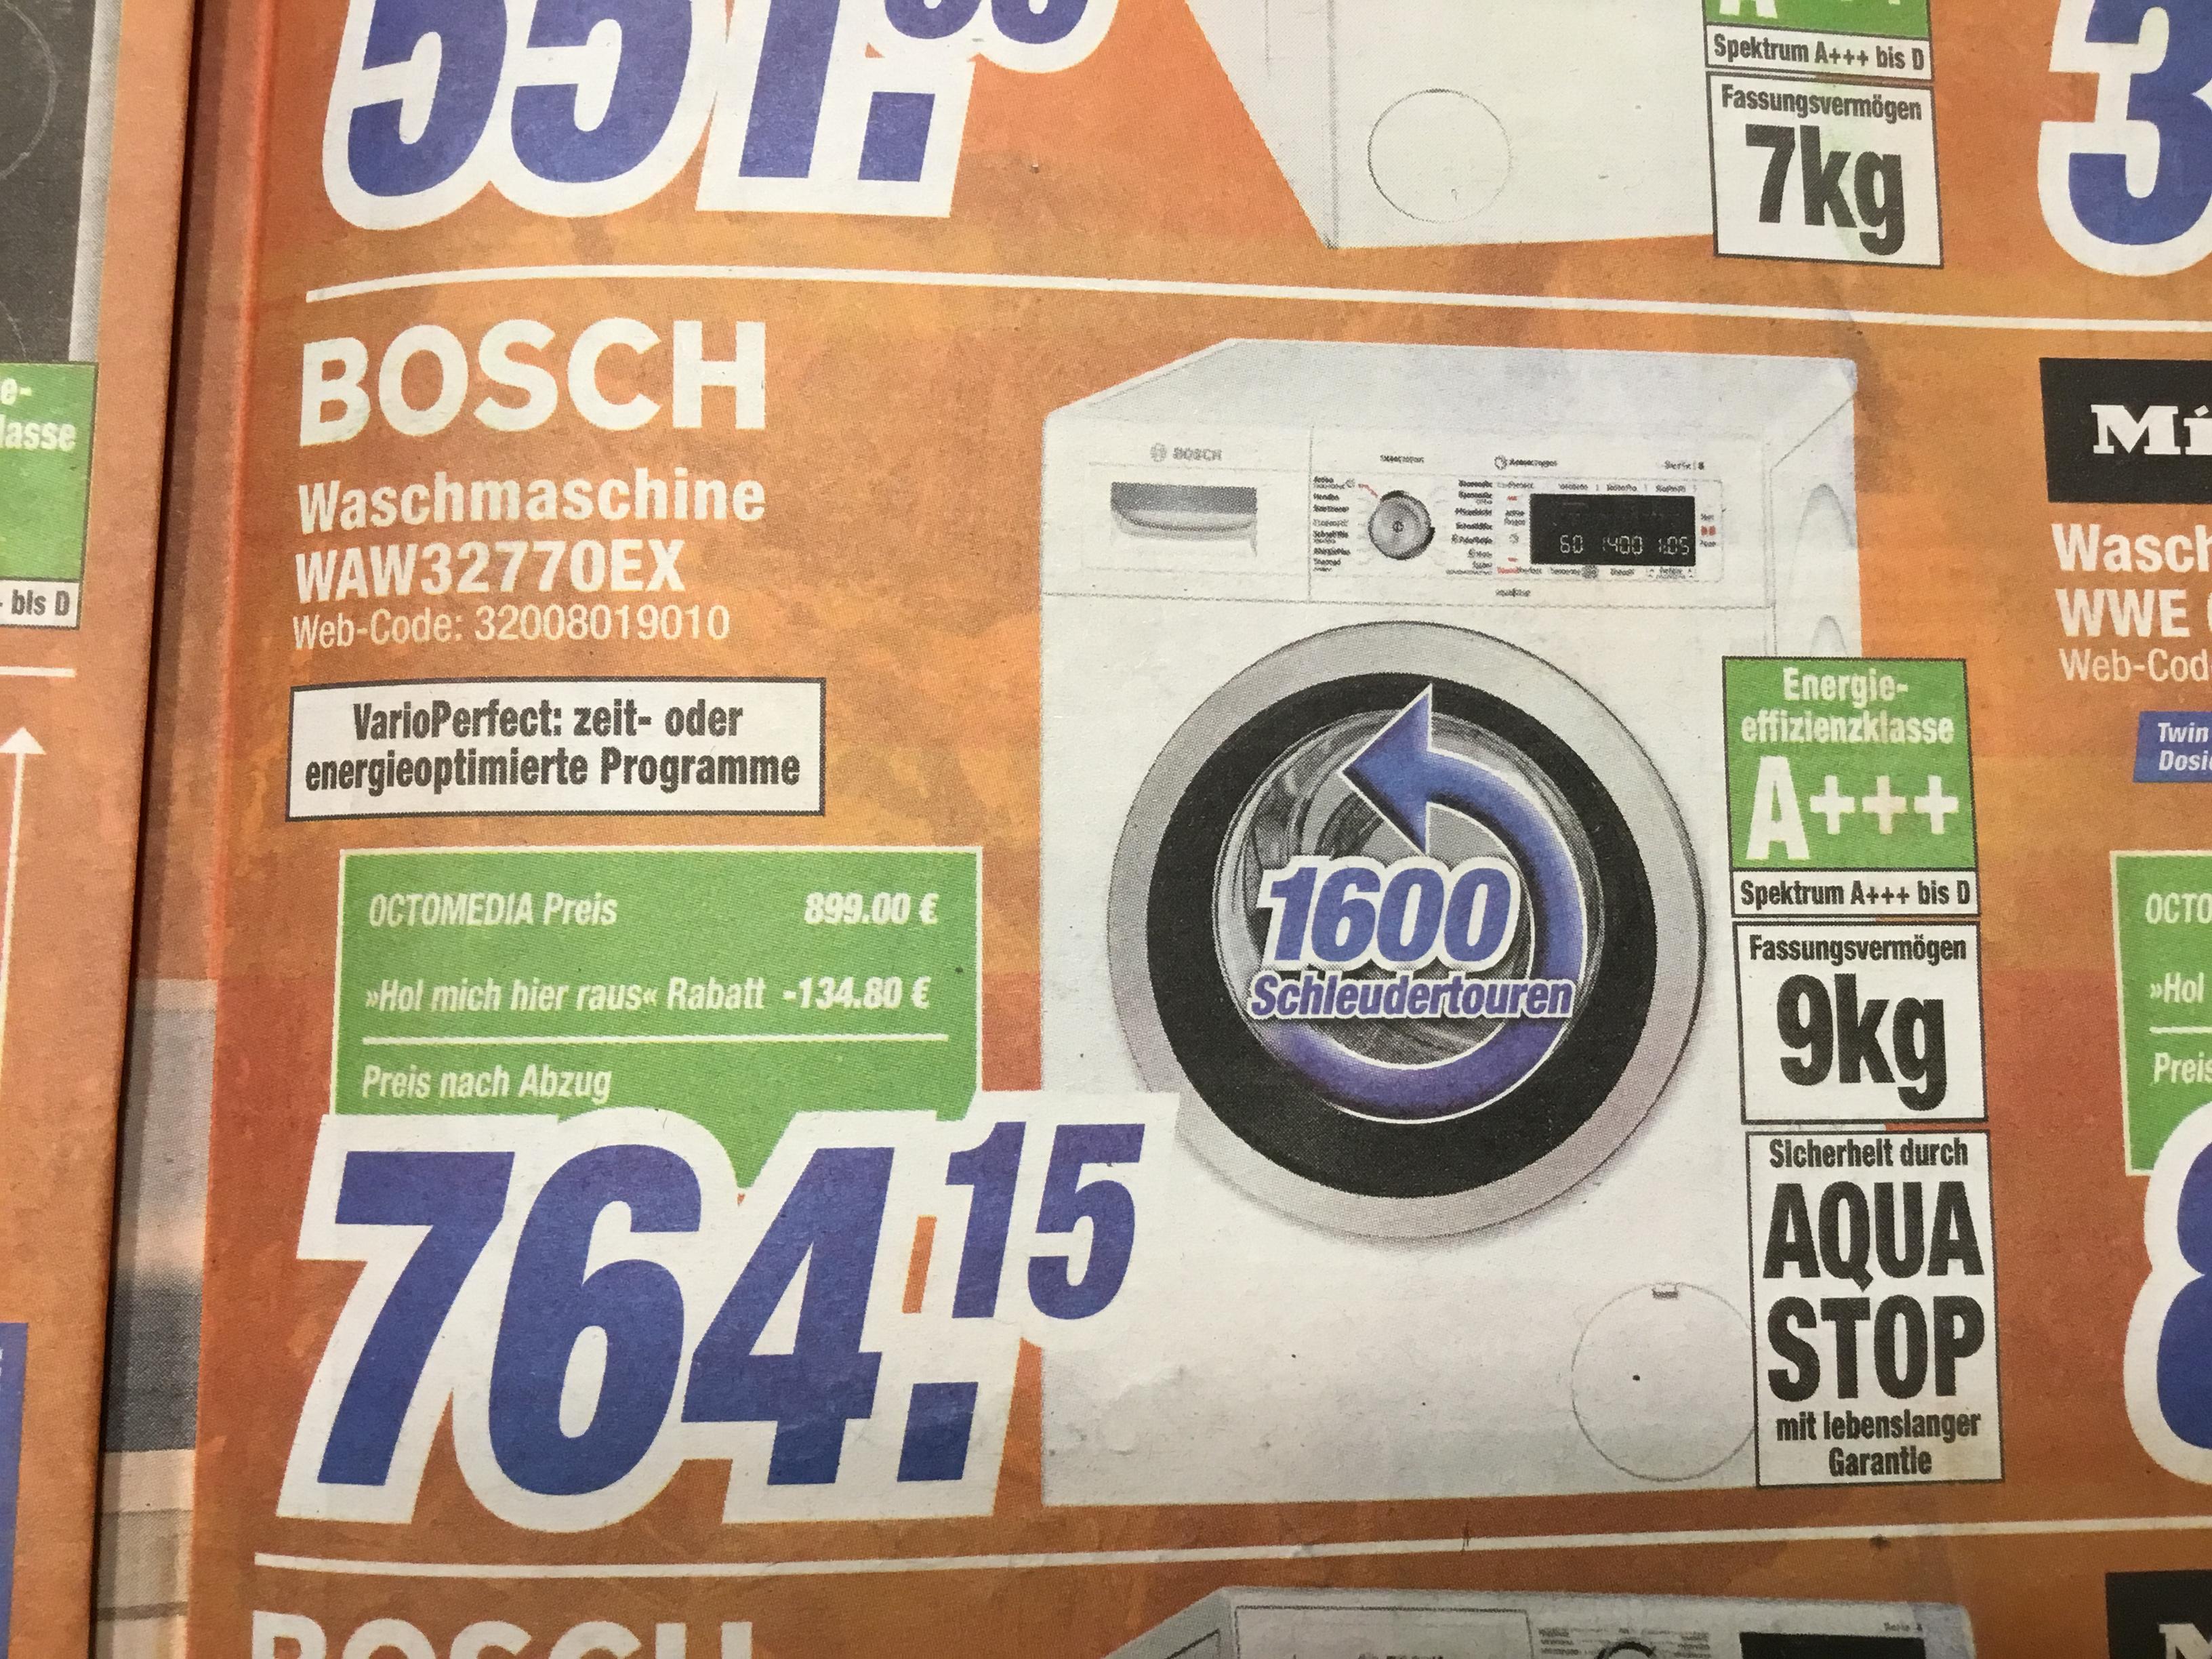 Bosch Kühlschrank Ok Aufkleber : Ok aufkleber siemens kühlschrank siemens kühlschrank ok aufkleber